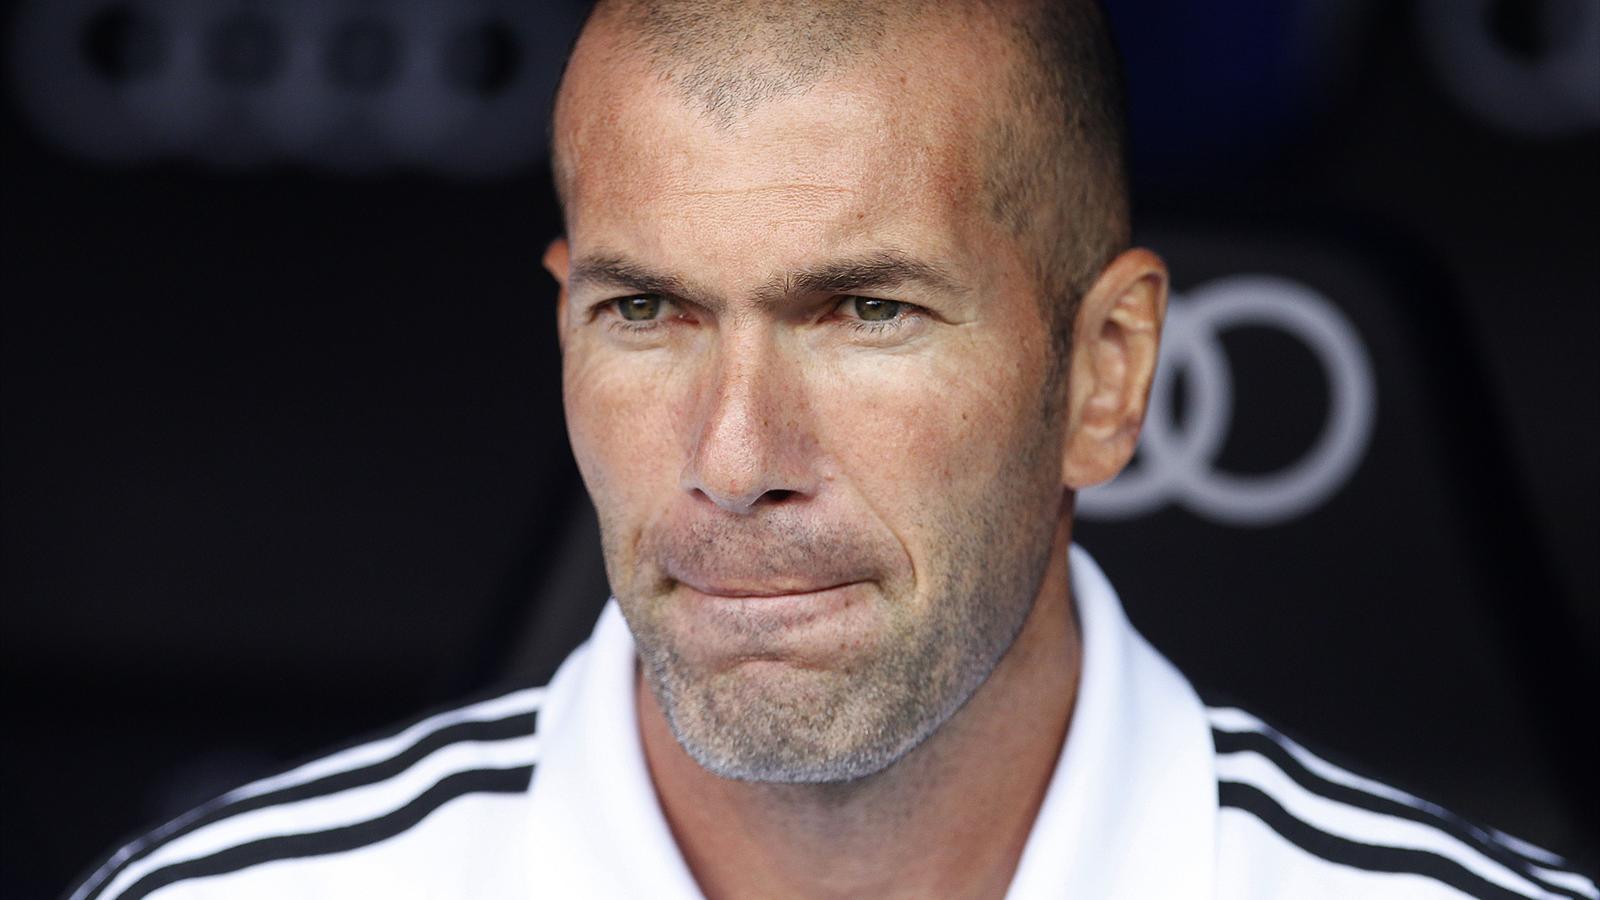 Ballon d'Or : Zinédine Zidane trouve normale l'élection de CR7 mais entend clarifier les critères